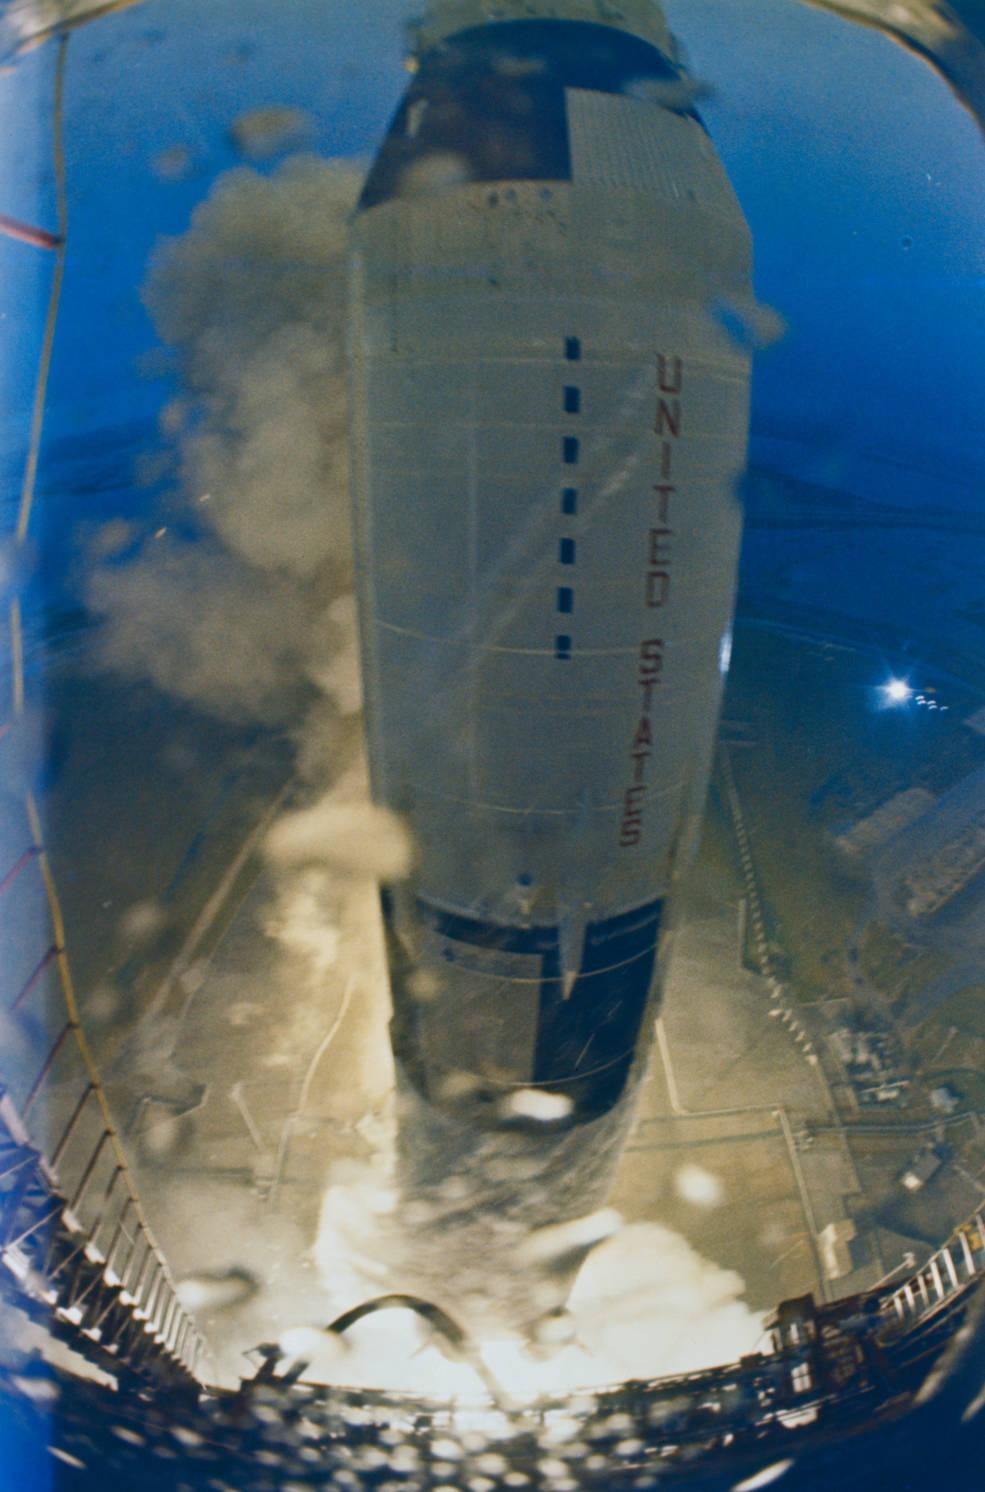 apollo_12_launch_from_lut_seq_5_nov_14_1969